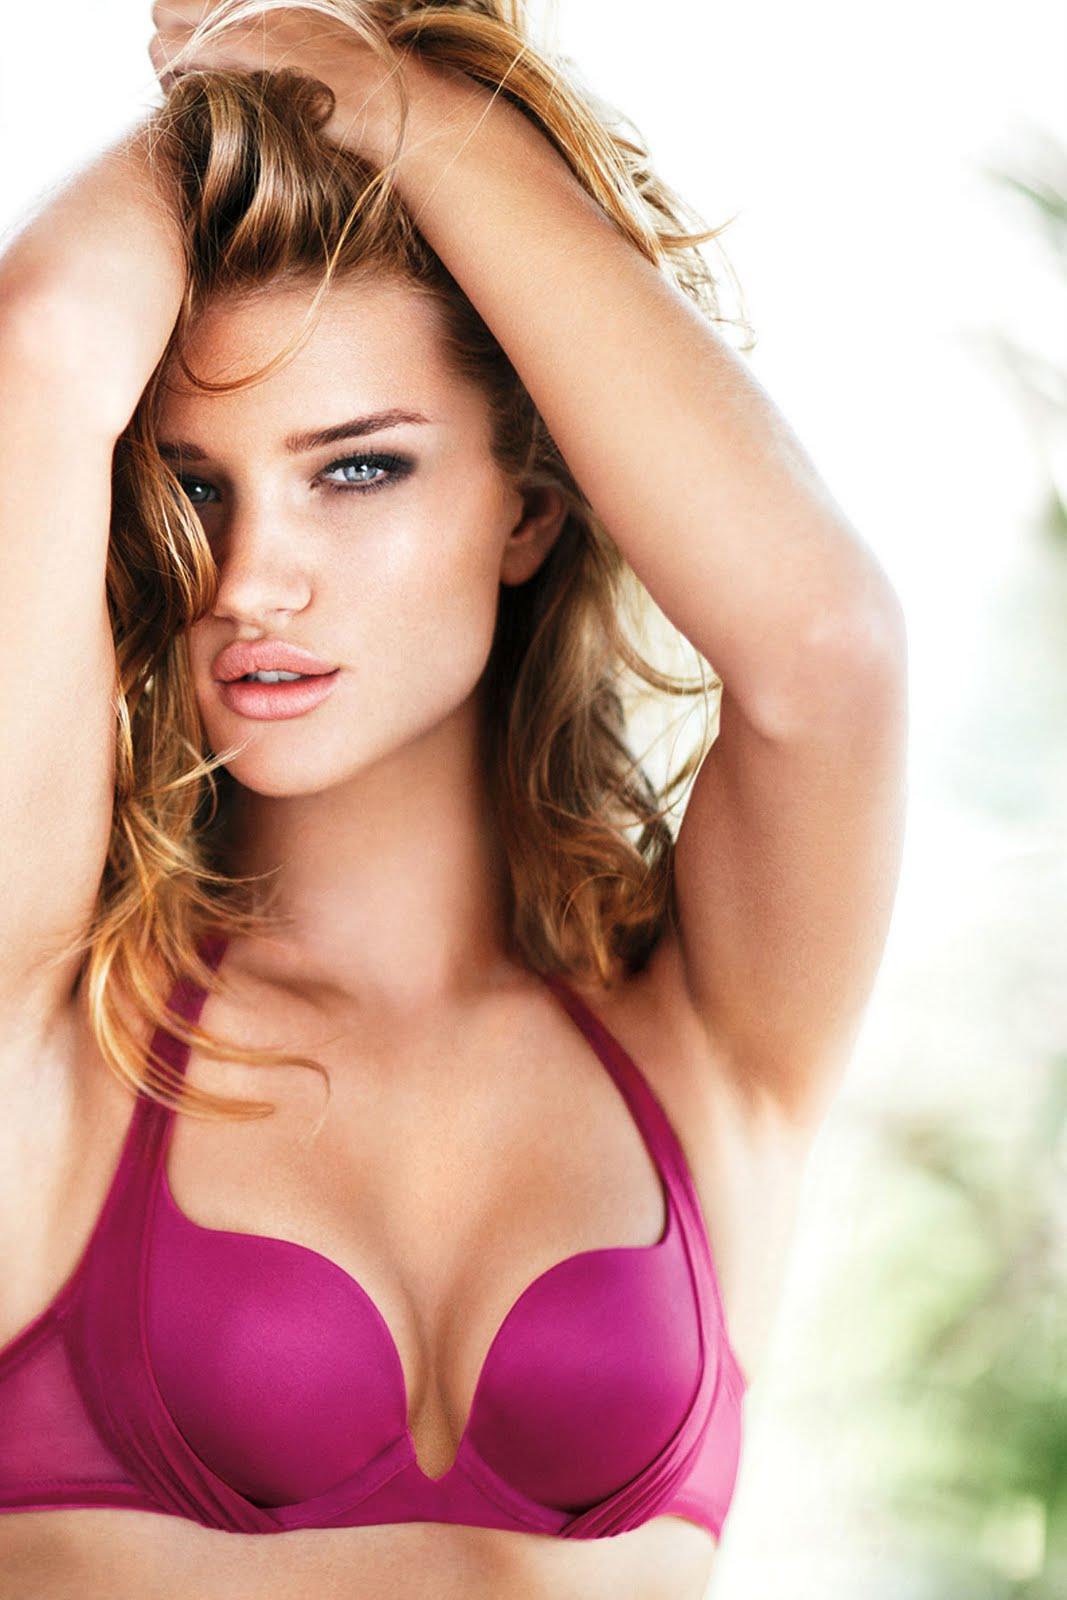 http://4.bp.blogspot.com/-6HPitgJD684/T7-5xFTe5dI/AAAAAAAAAAo/M3ZEwuJnQmE/s1600/rosie+huntington-whiteley+sexy+lingerie.jpg